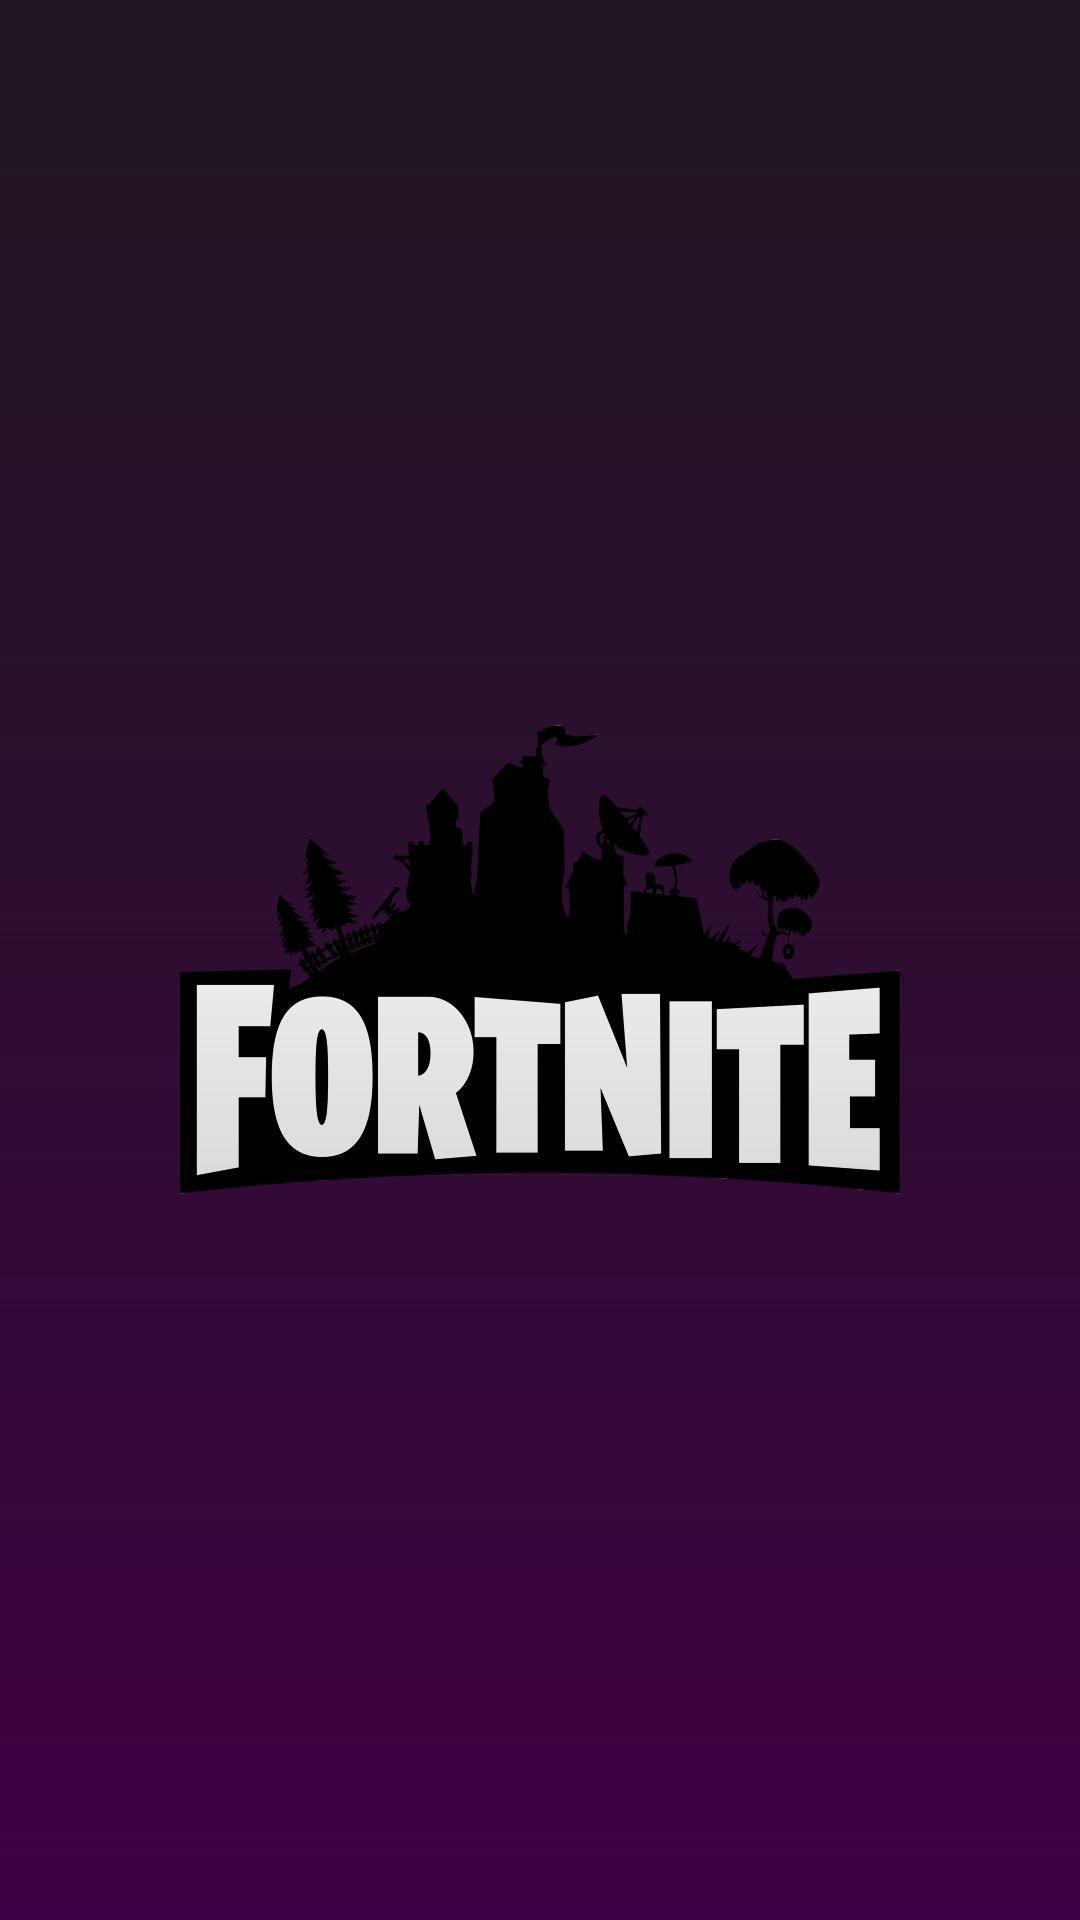 Fortnite Logo Phone Wallpapers - Top